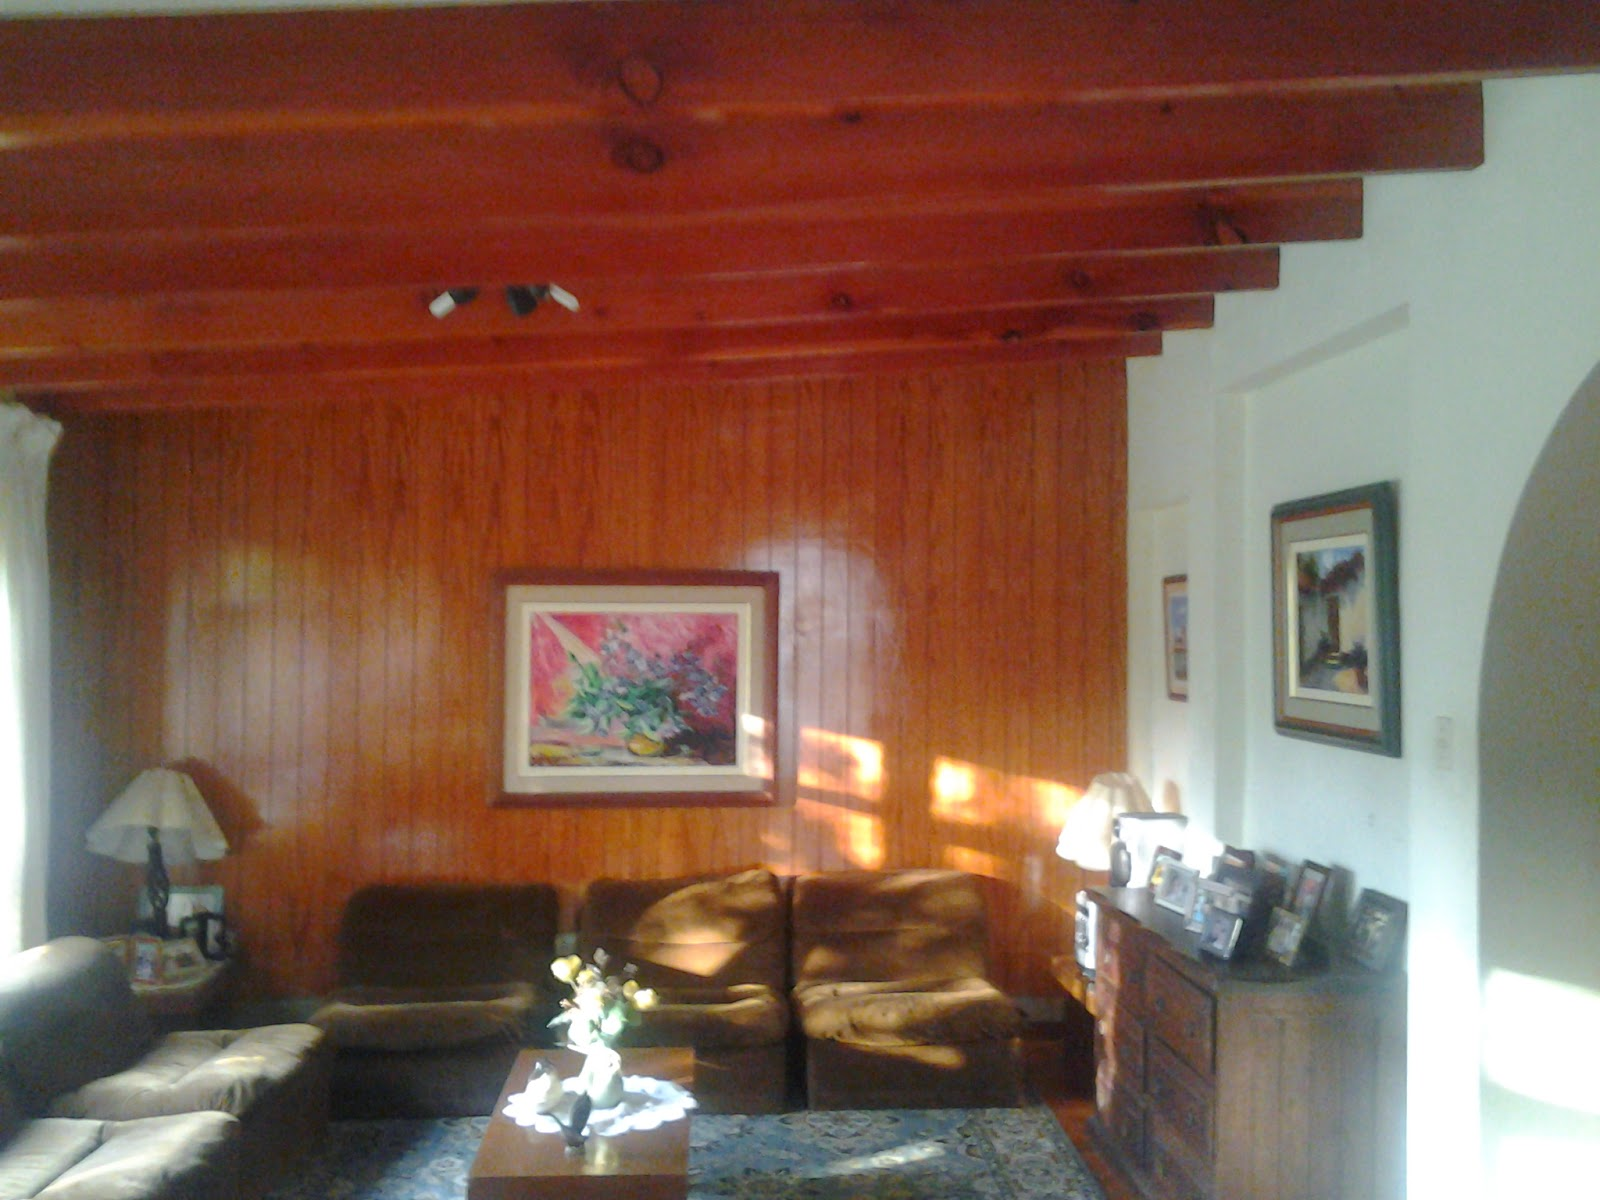 Muebles y decoraci n de interiores decoraci n de los for Decoracion de interiores a distancia